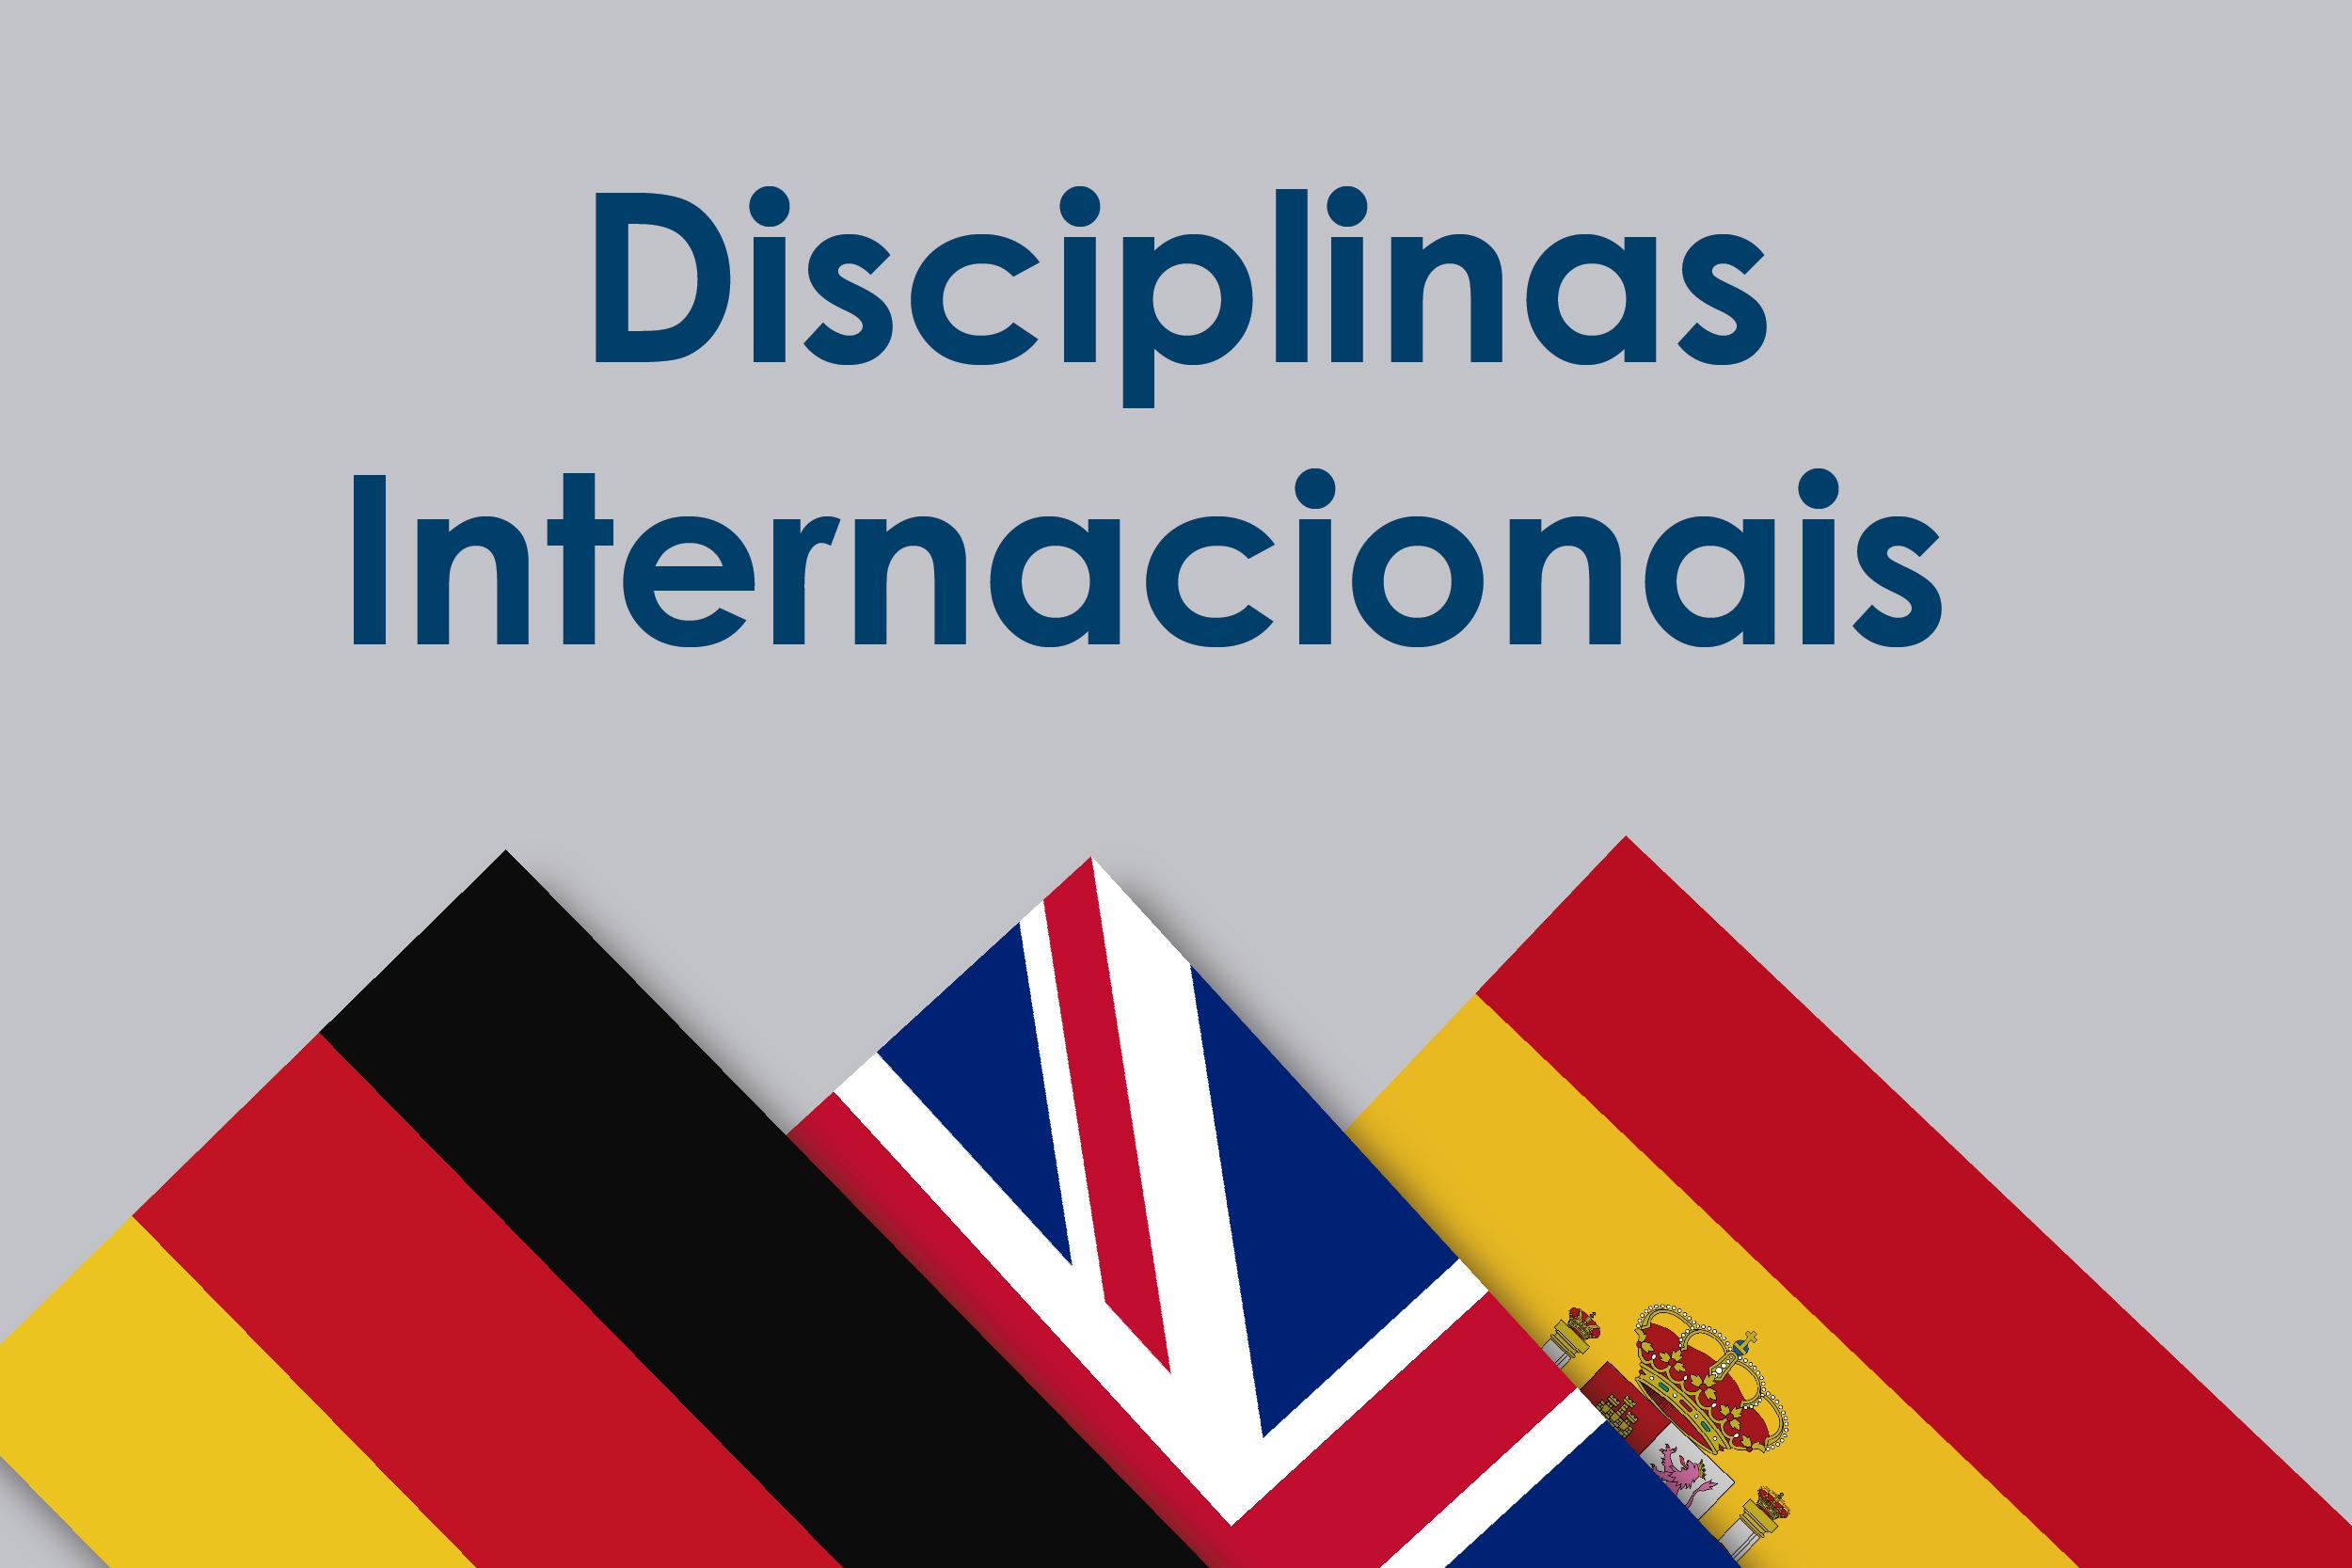 UNIFEBE oferece disciplinas optativas em inglês, espanhol e alemão